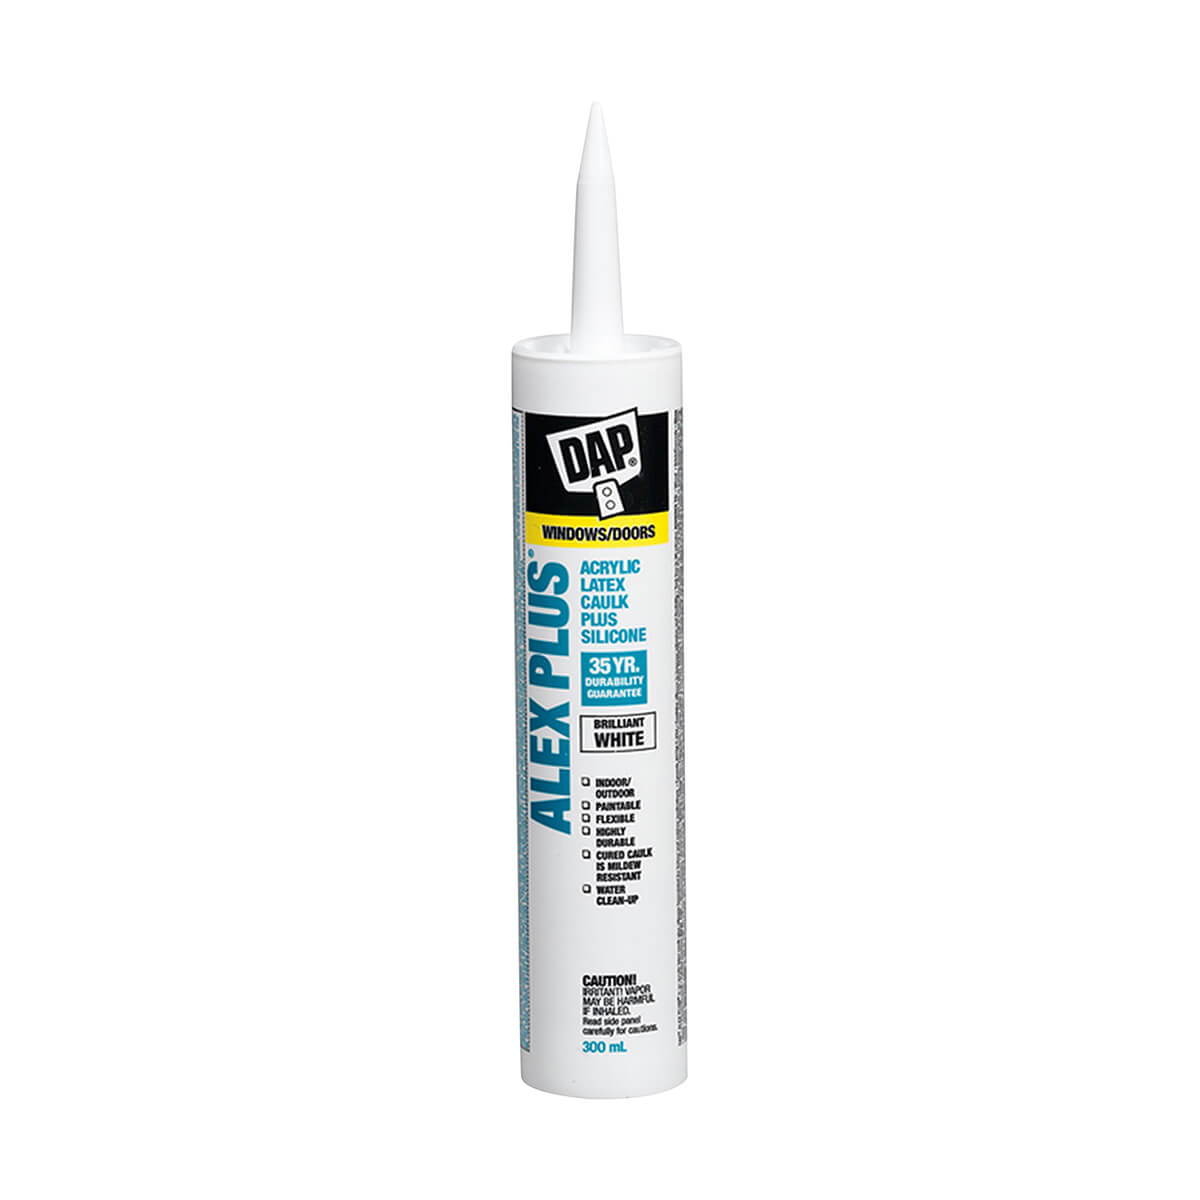 Dap Alex Plus Clear Acrylic Latex Caulk Plus Silicone - White - 300ml